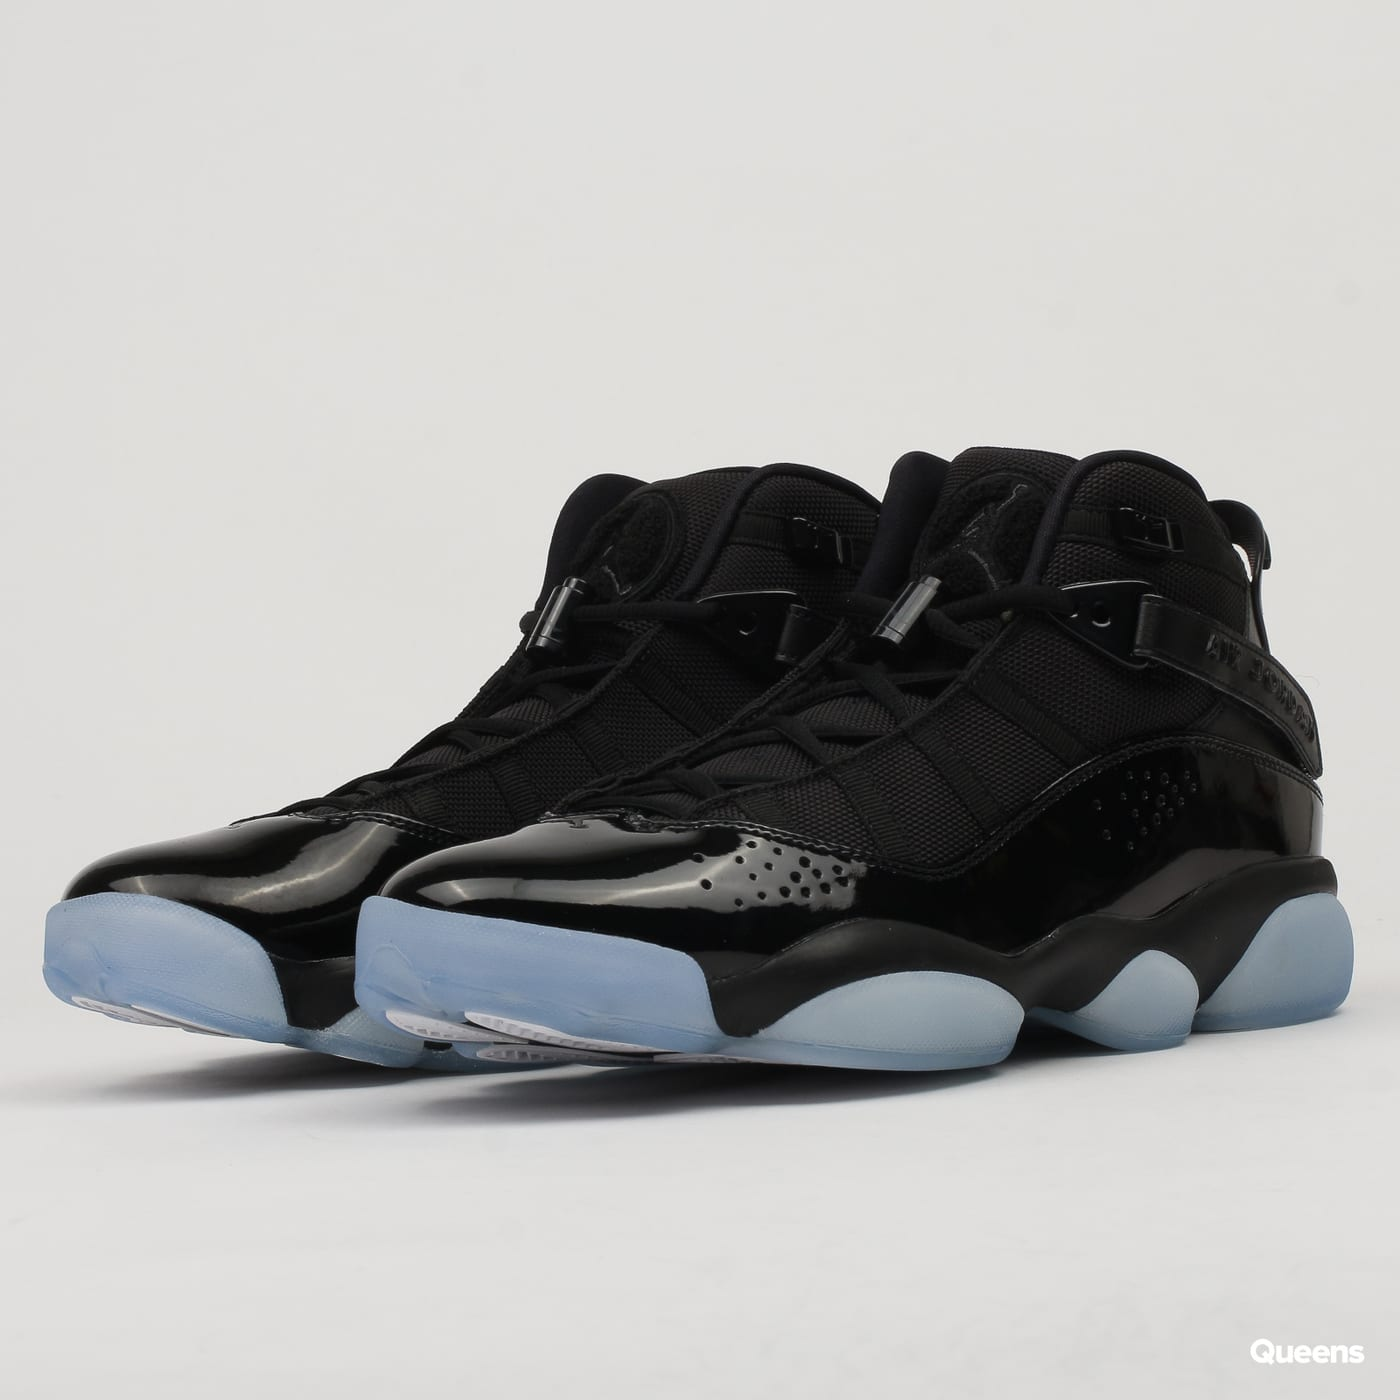 03725170ec9 Sneakers Jordan Jordan 6 Rings black / black - white (322992-011) – Queens  💚